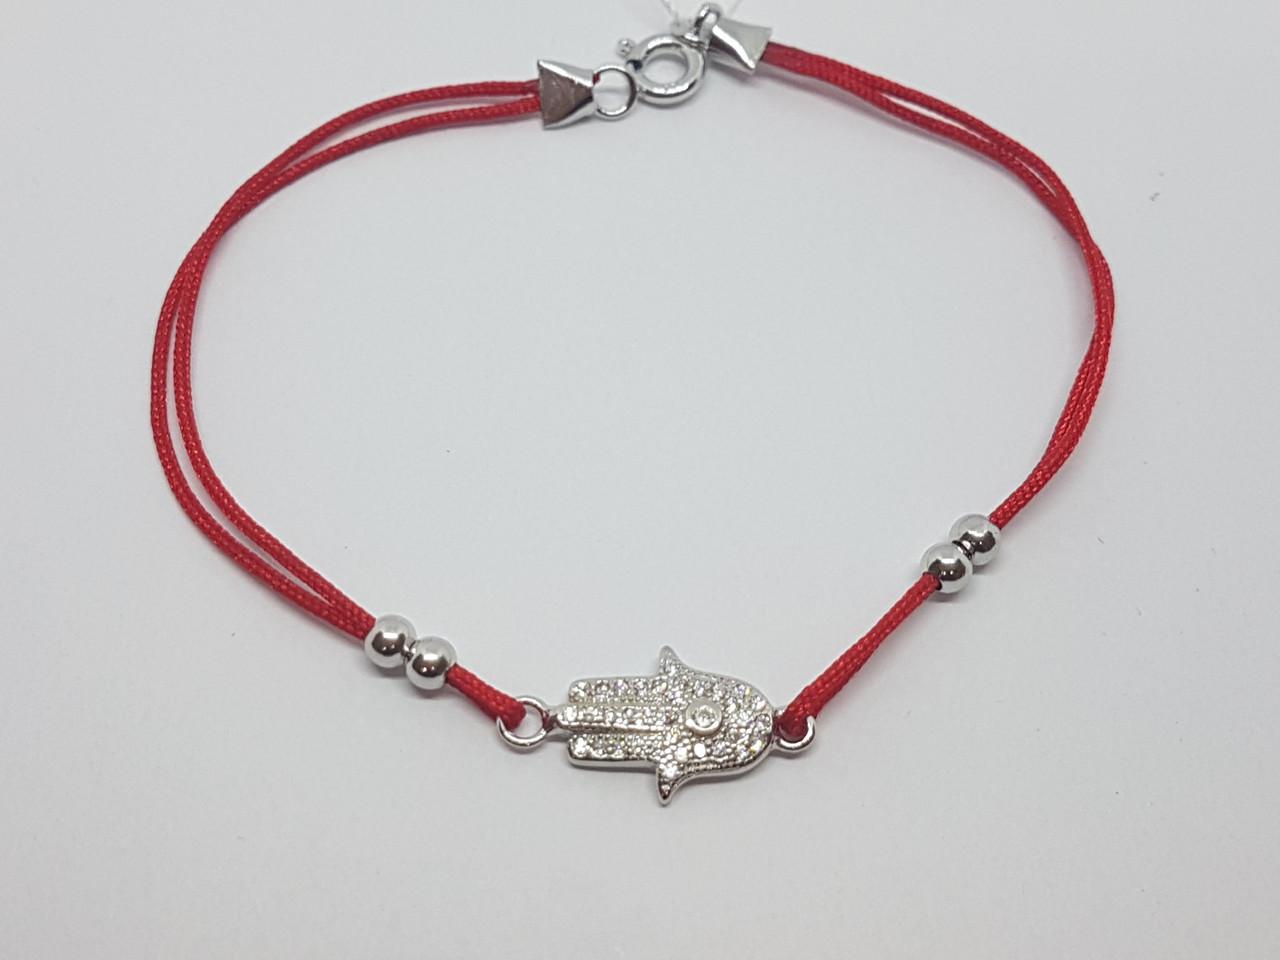 Браслет Хамса (Рука Фатимы) из текстиля с серебряными вставками и фианитами. Артикул 2231